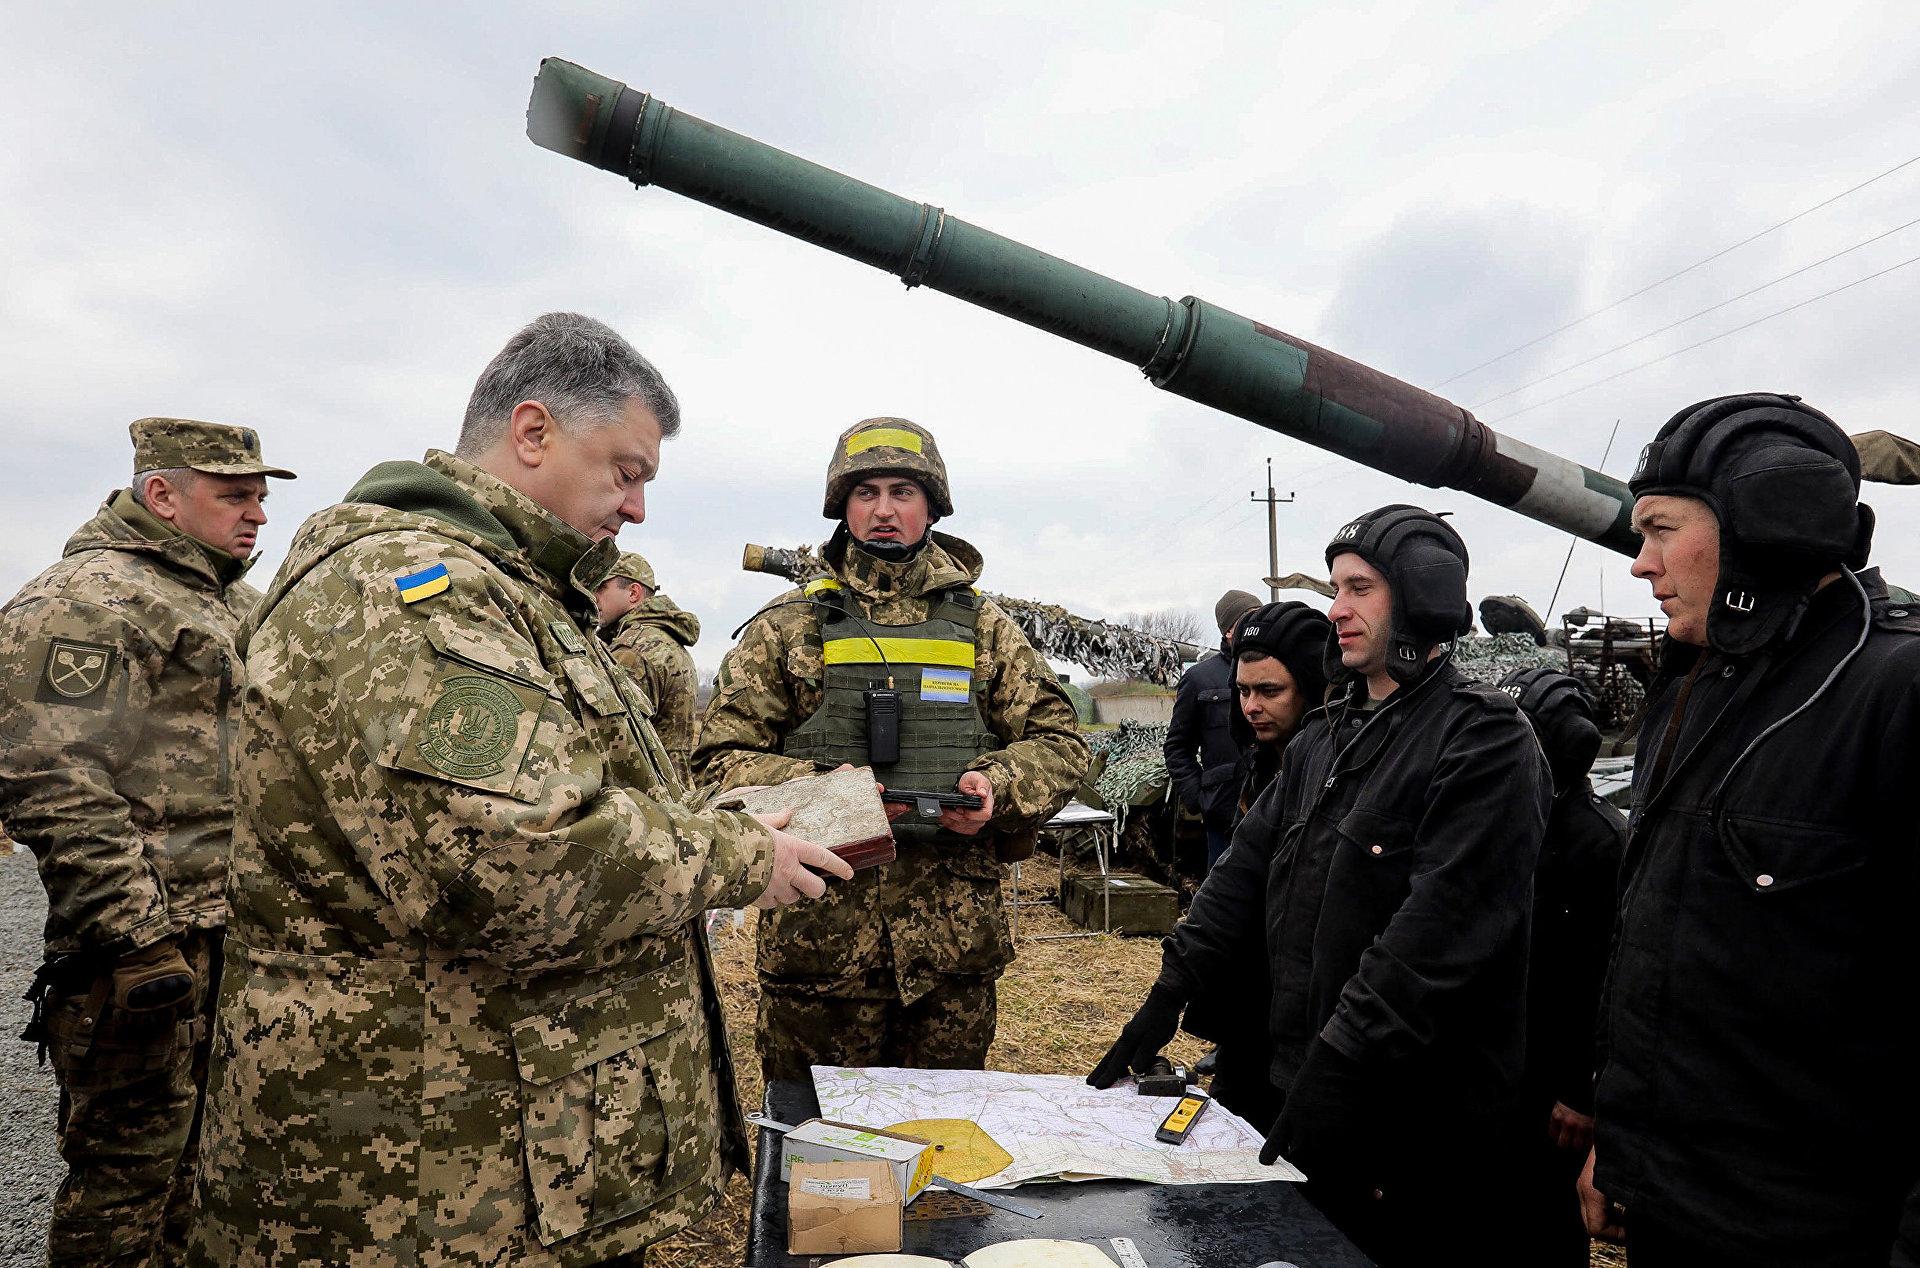 http://ukraina.ru/images/101853/73/1018537368.jpg